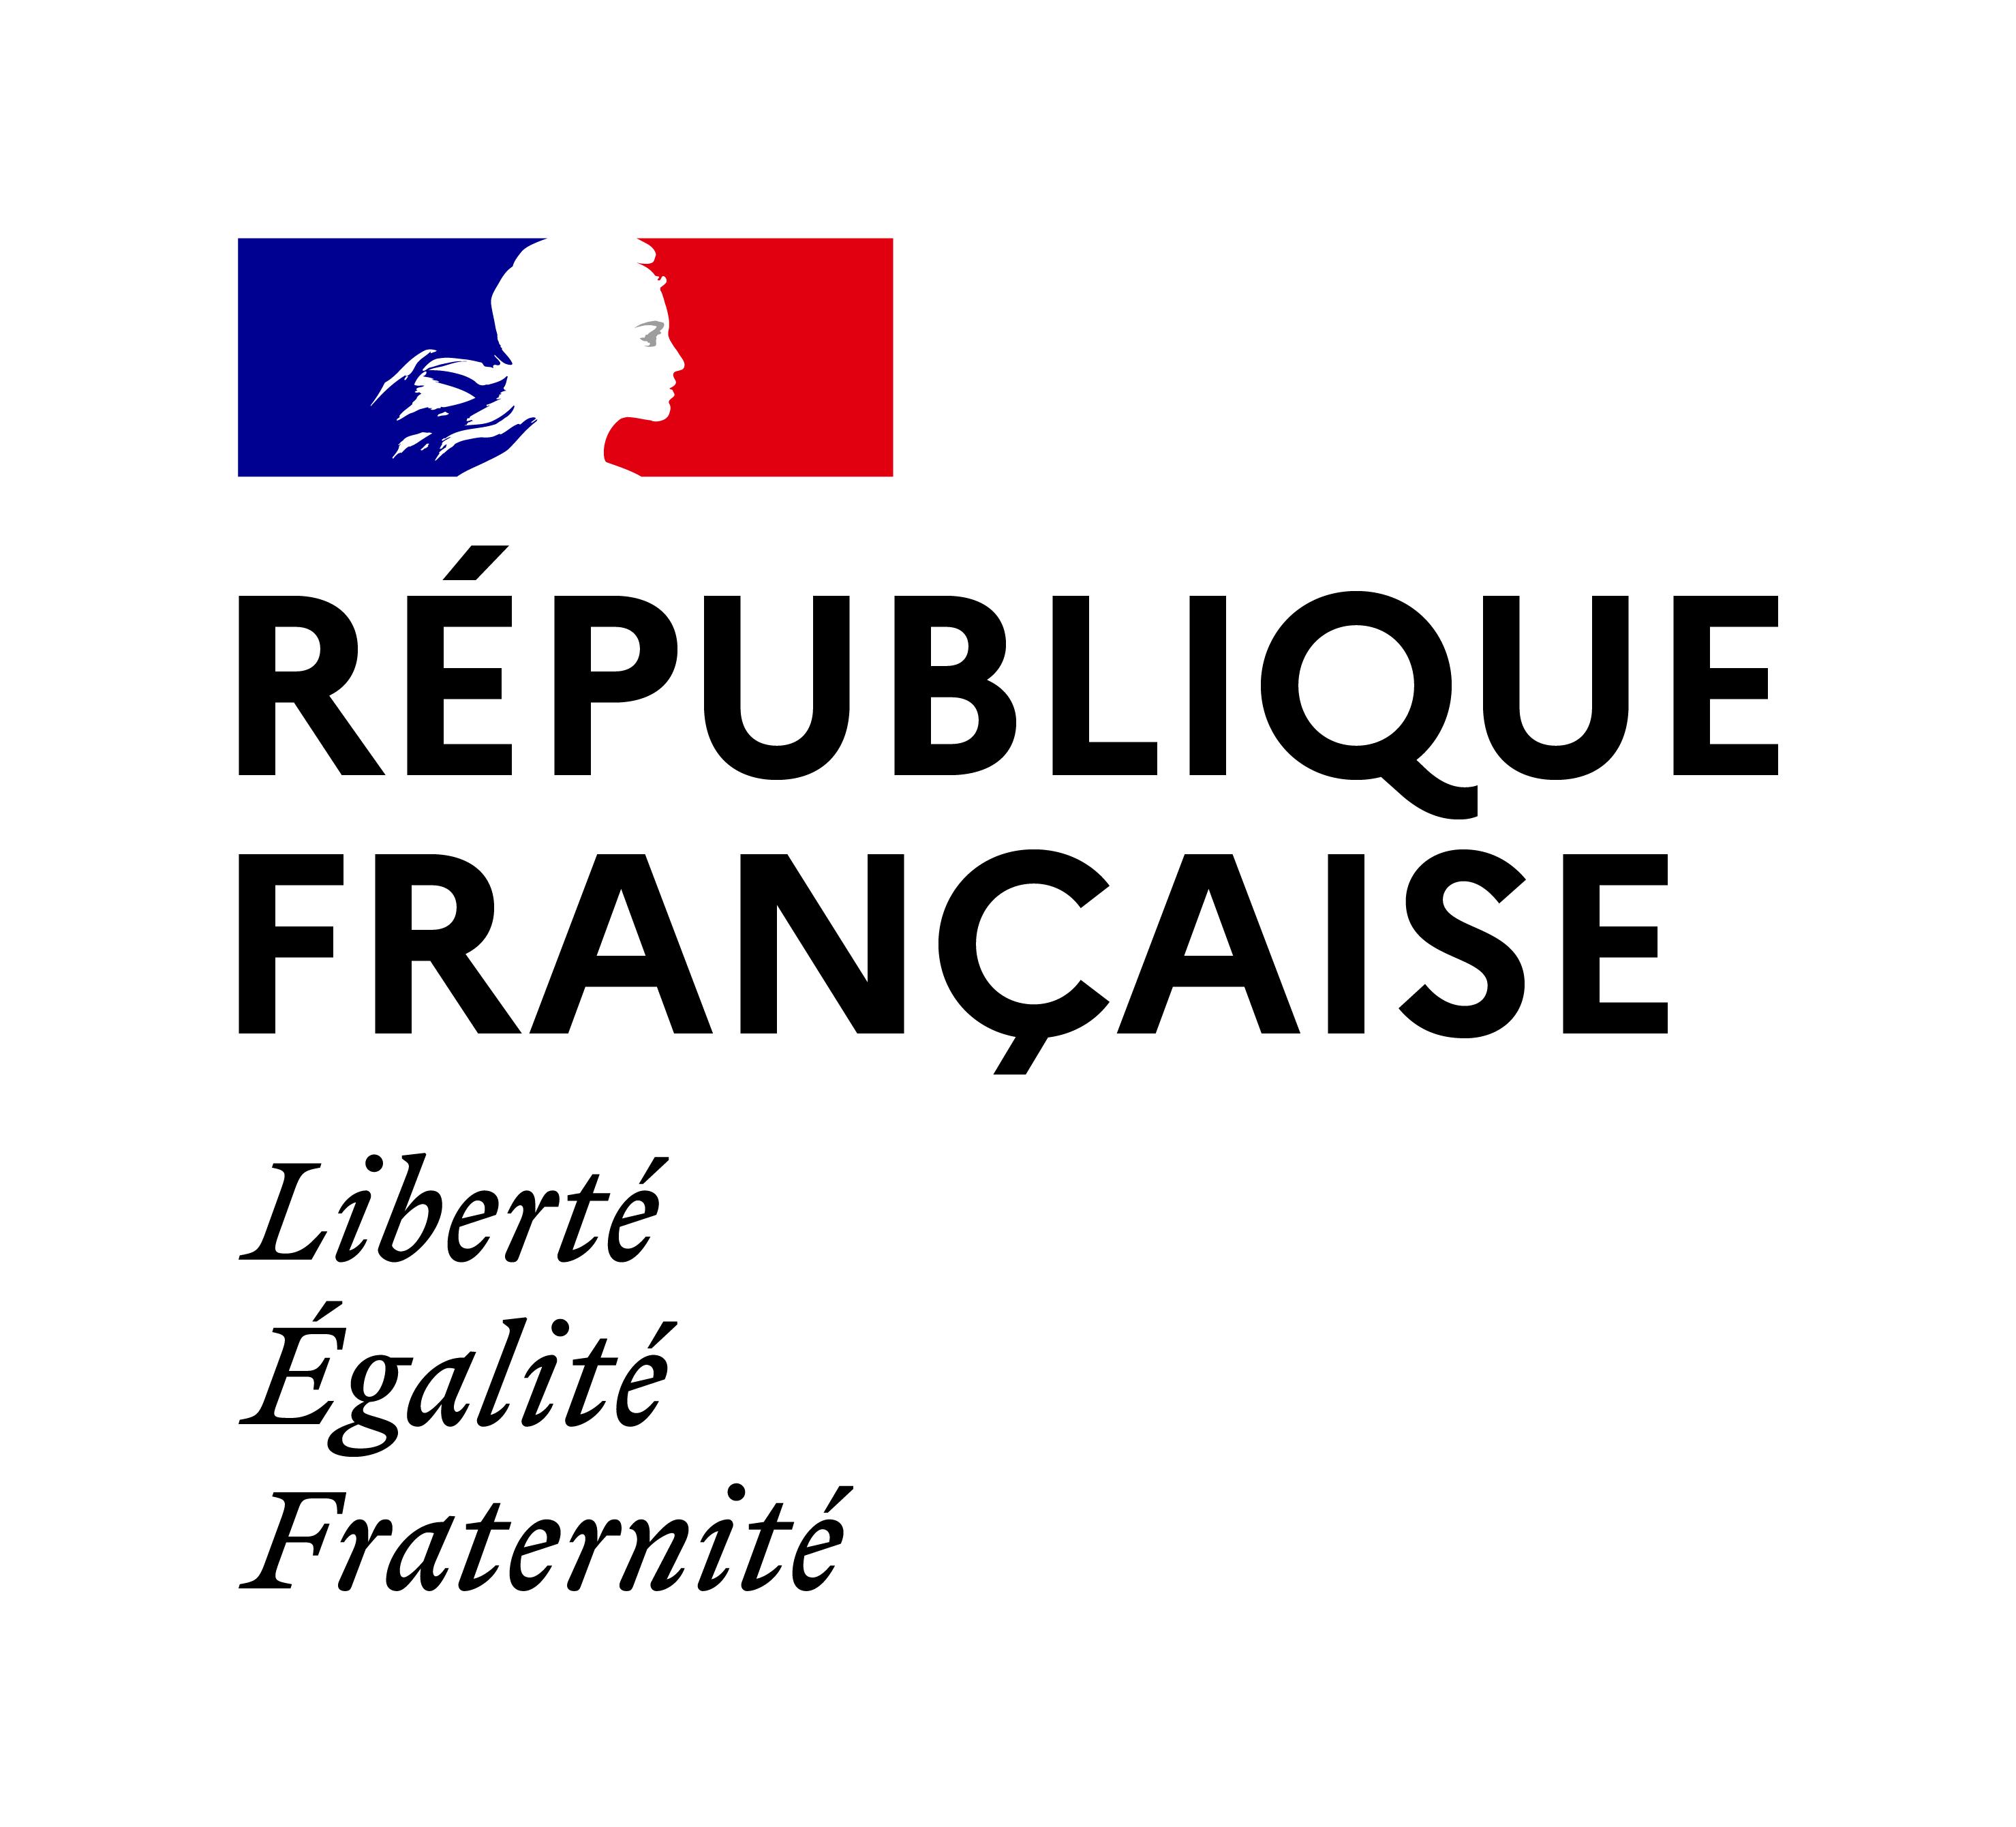 Republique_Francaise_RVB.png